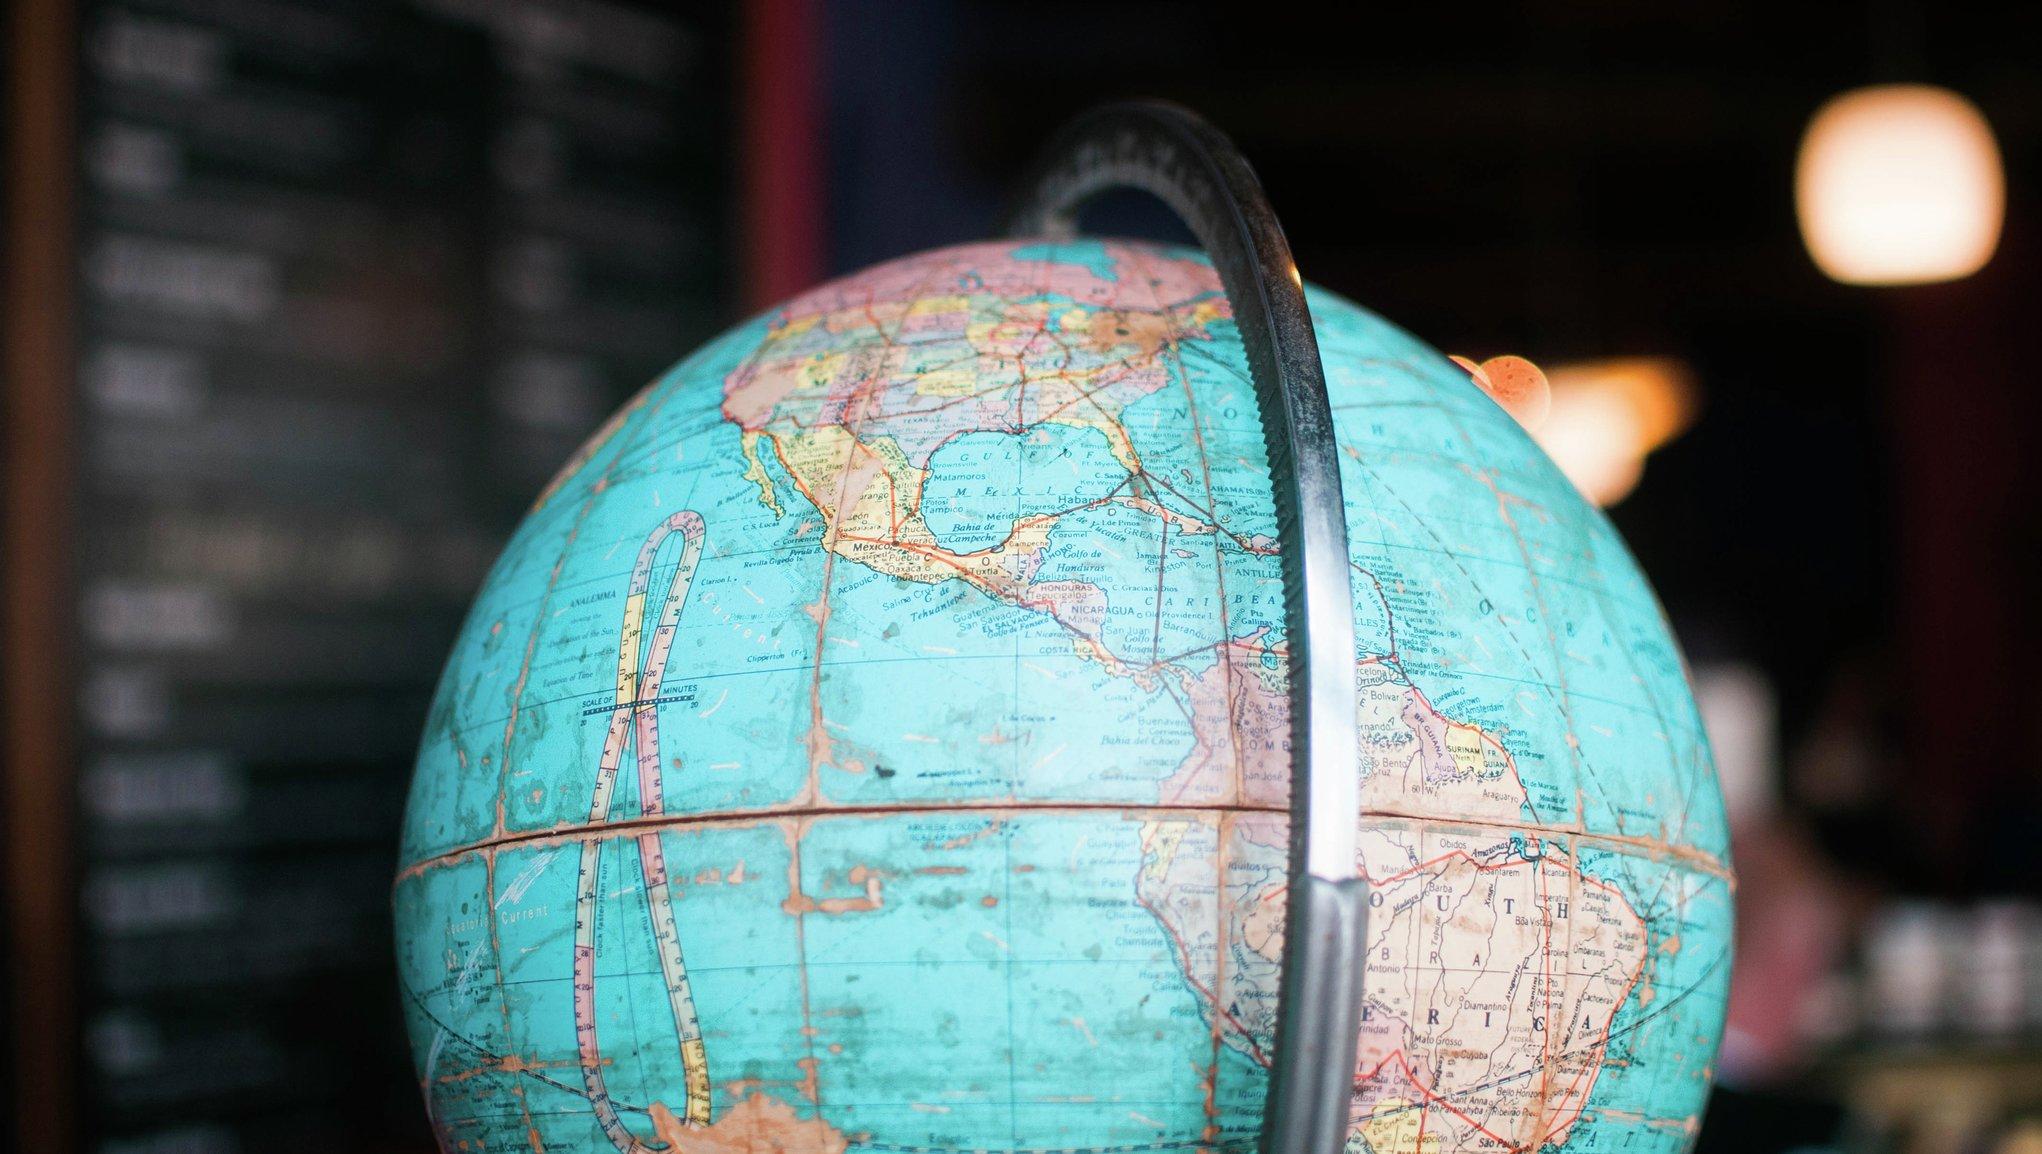 Sairastumisen kustannukset ulkomailla